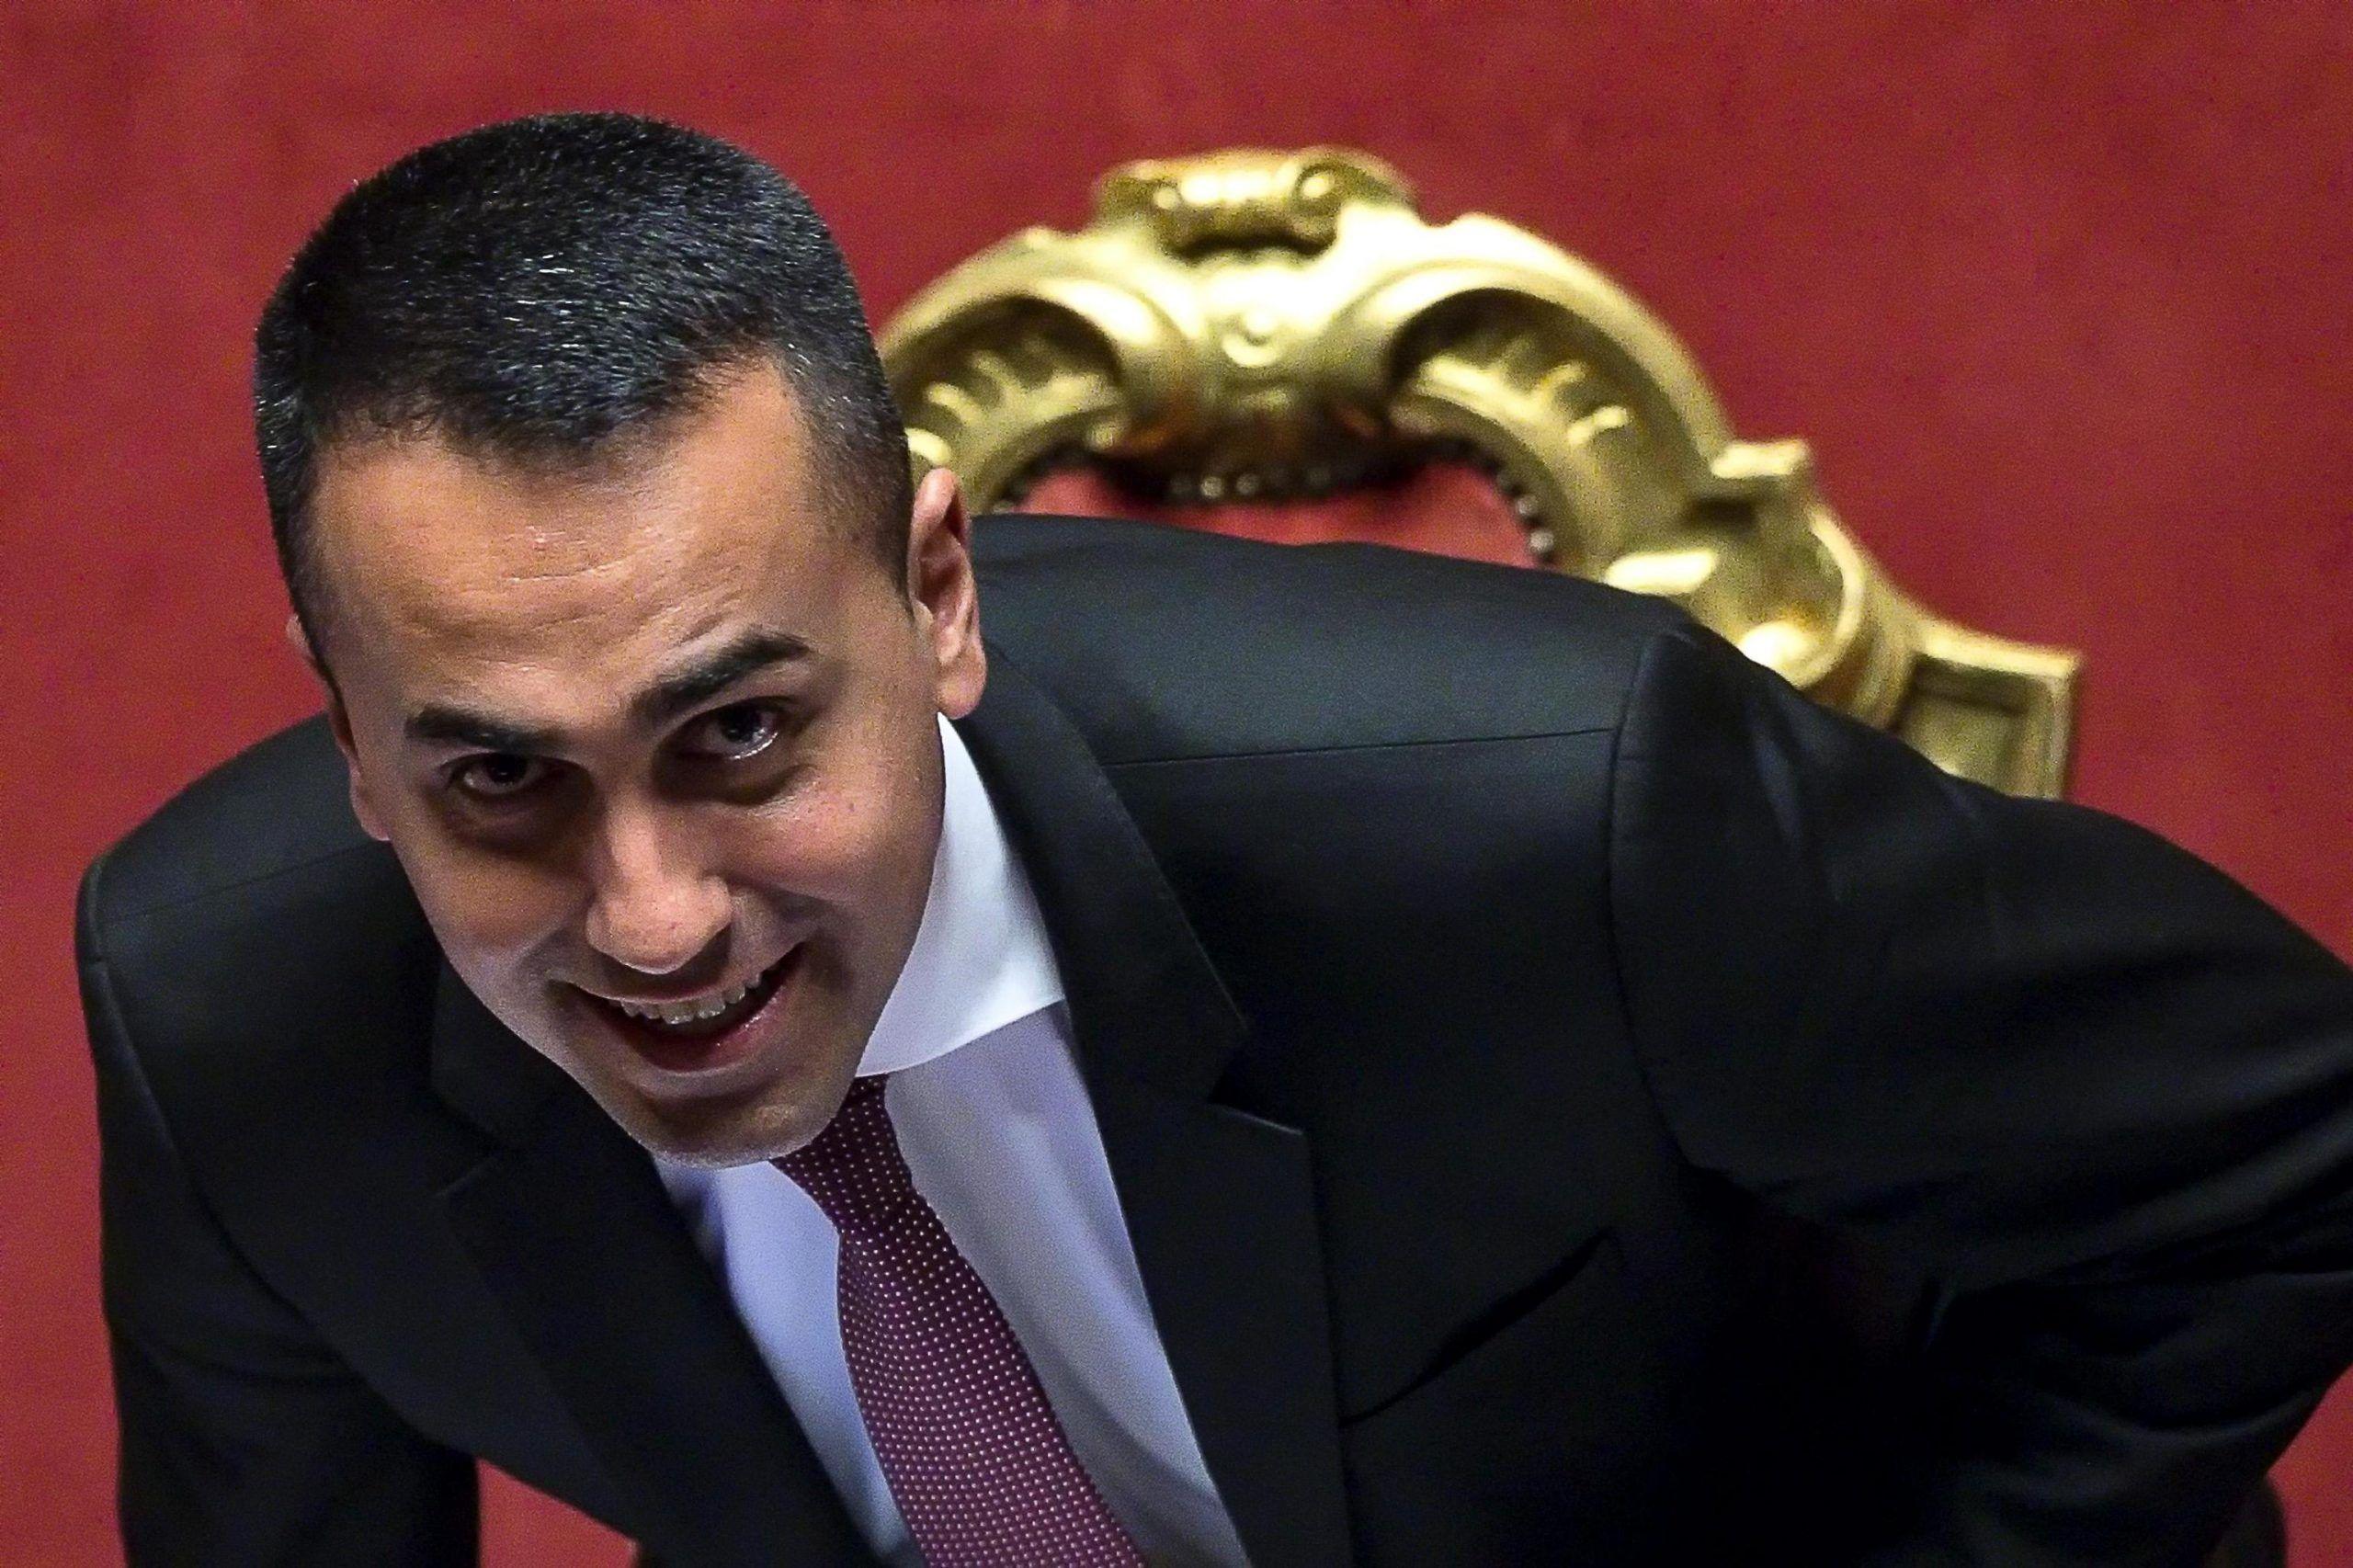 Di Maio ricorda Marcinelle e il web ironizza: 'Lui è la prova che è meglio emigrare'